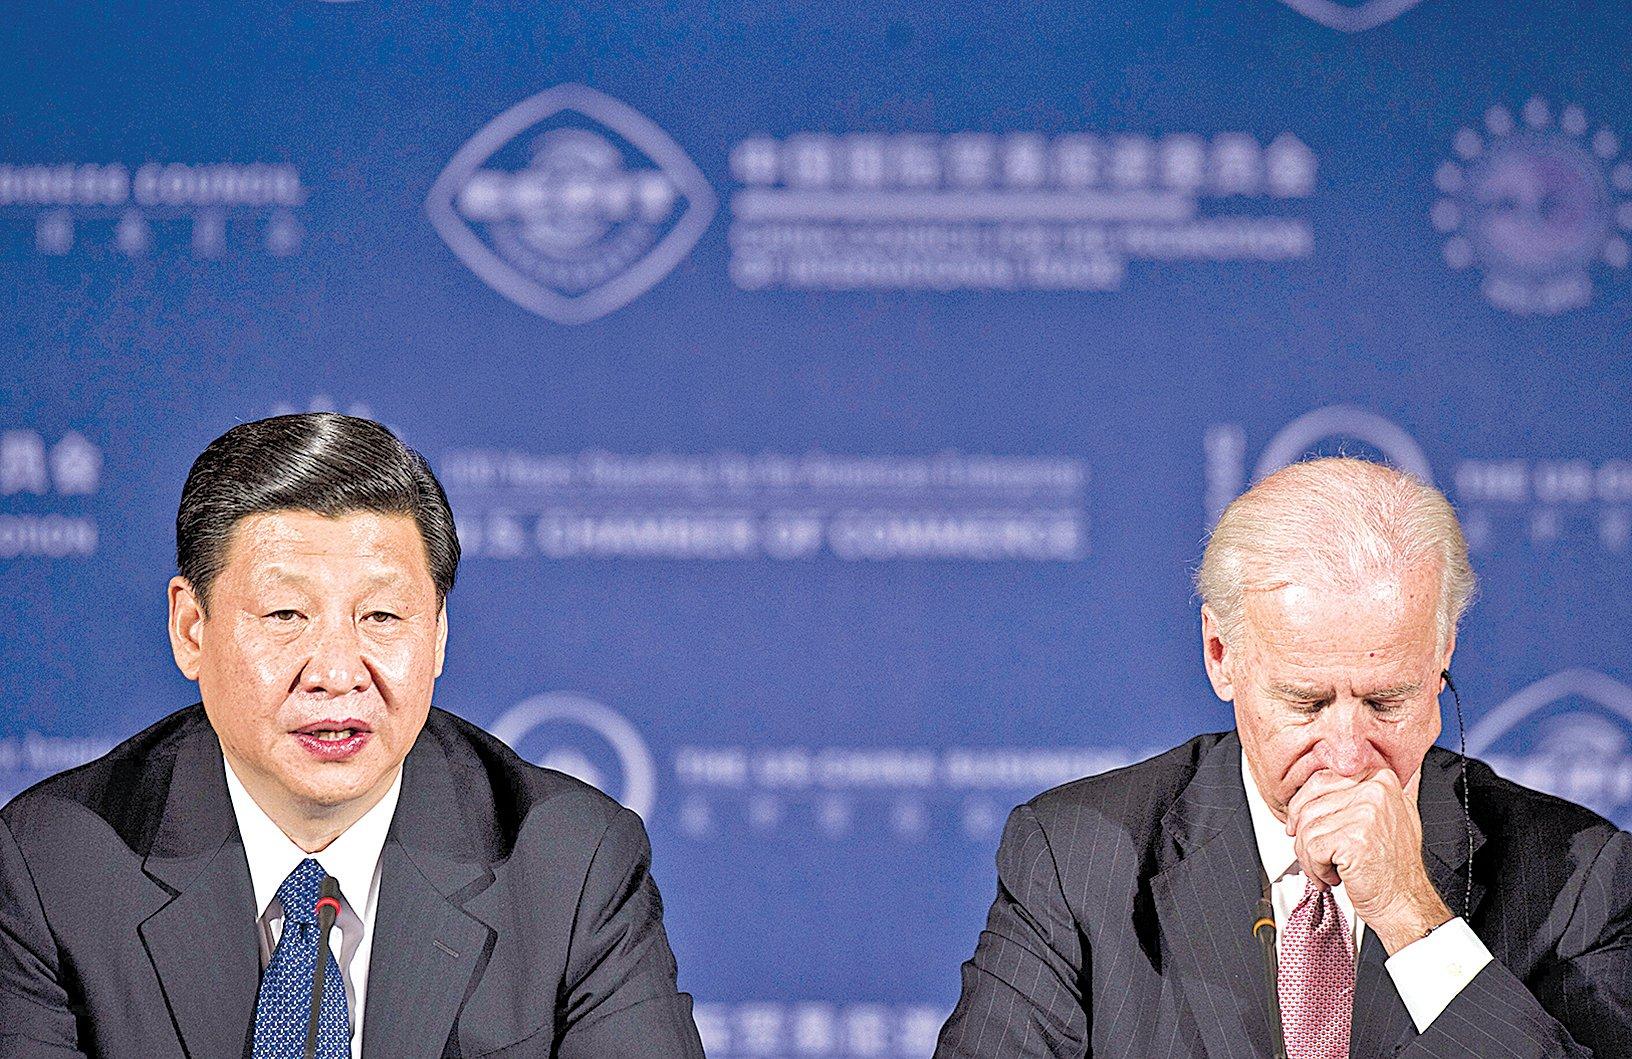 2012年2月14日,時任中共國家副主席習近平與美國副總統拜登進行會談。(JIM WATSON/AFP via Getty Images)